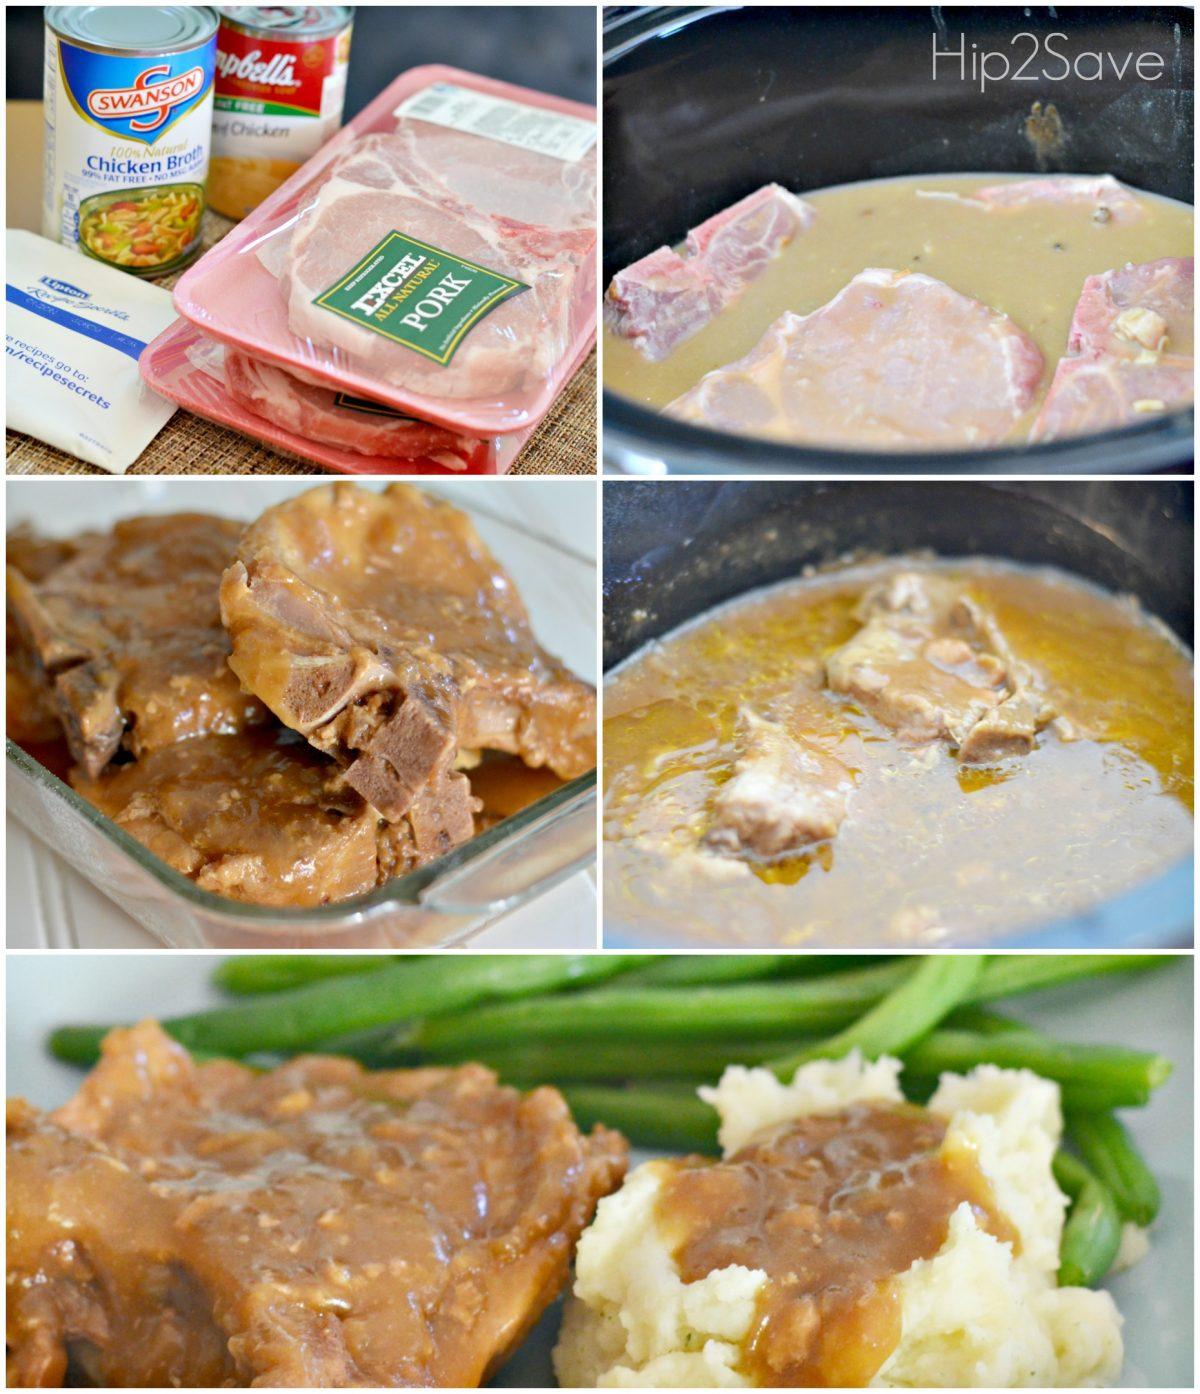 How to Make Amazing Smothered Pork Chops Hip2Save.com